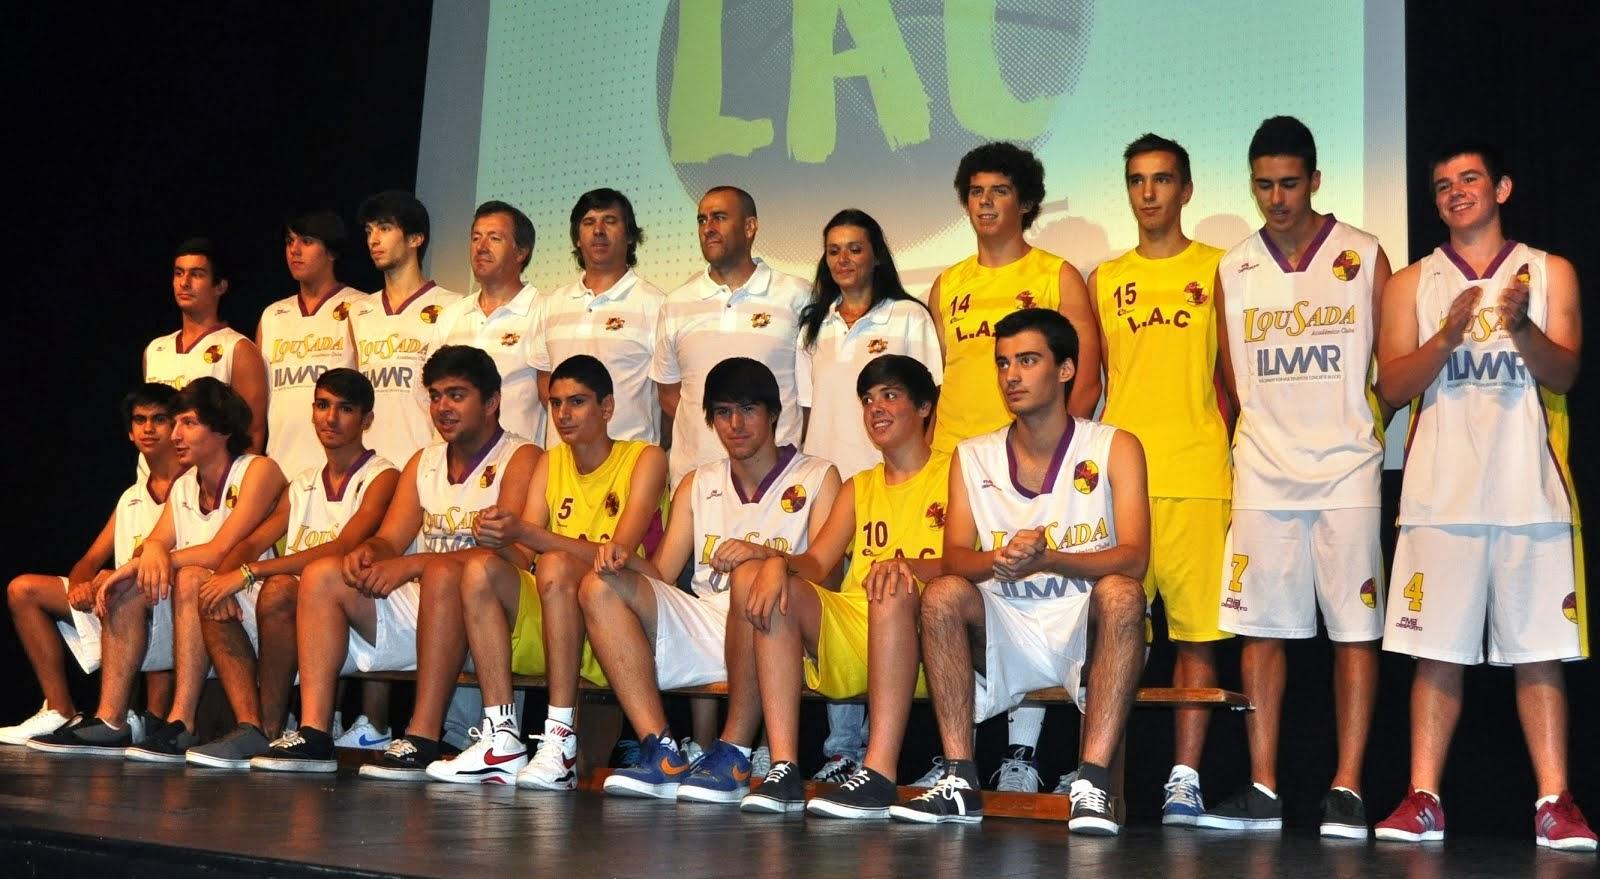 Juniores B Masculinos 2013-2014